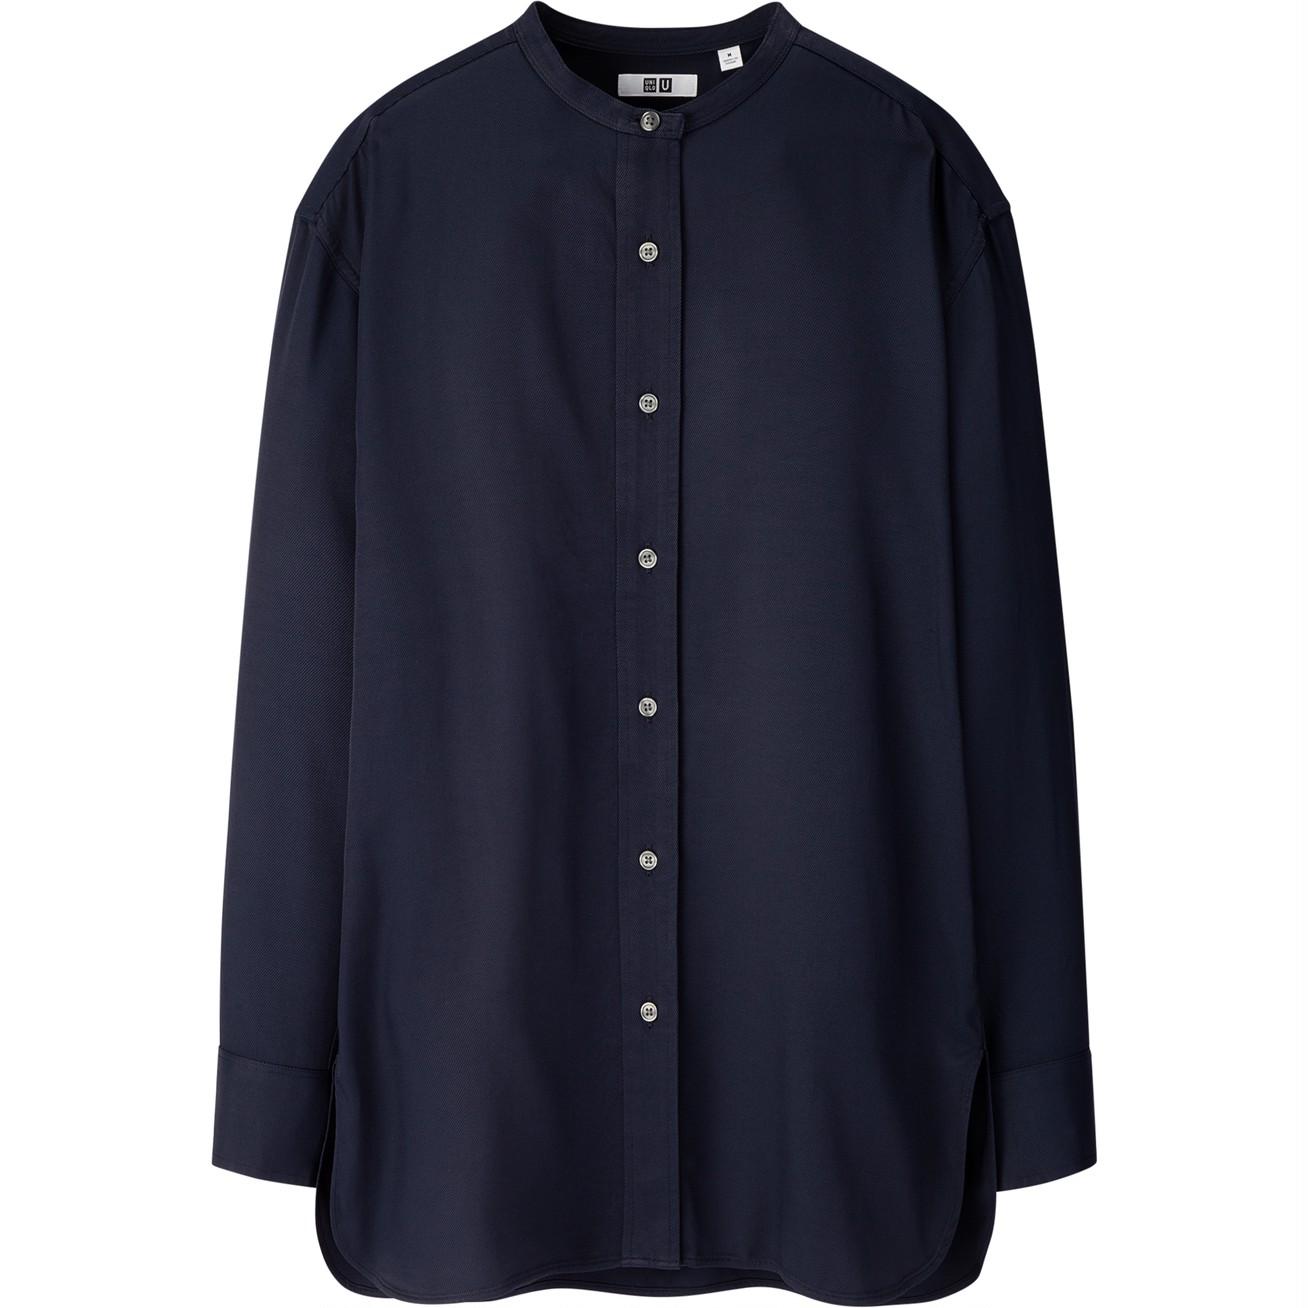 ドレープツイルスタンドカラーシャツ(長袖)¥2990/ユニクロ(ユニクロ ユー)